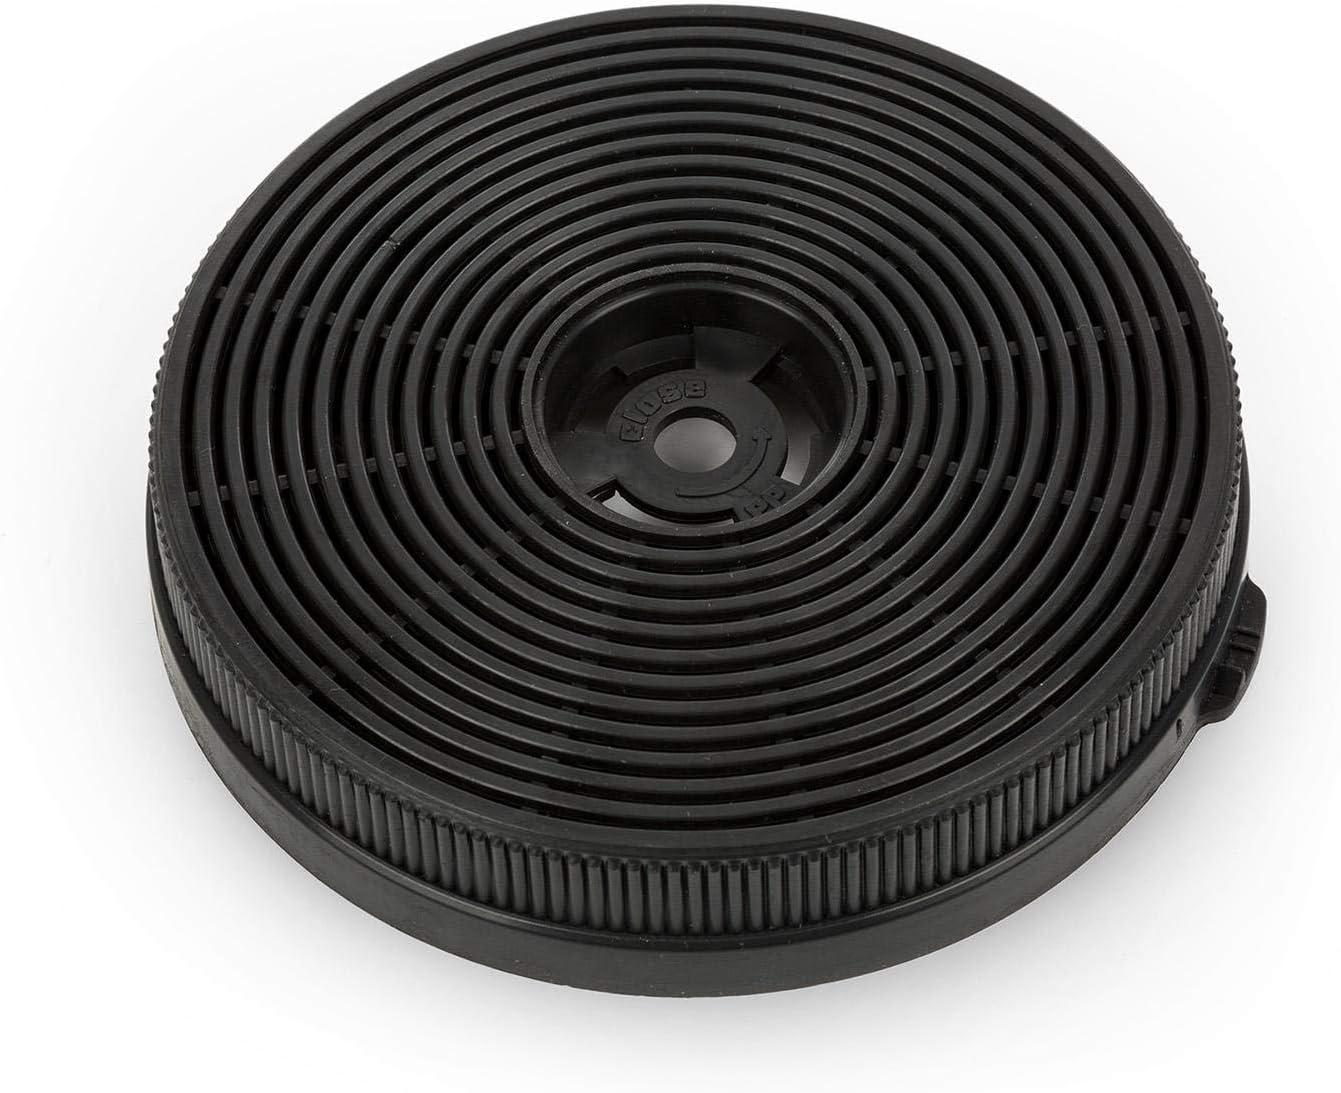 Klarstein UltraClean filtro de carbón activo - Para campana extractora de humos Contempo y Contempo Neo, Accesorio